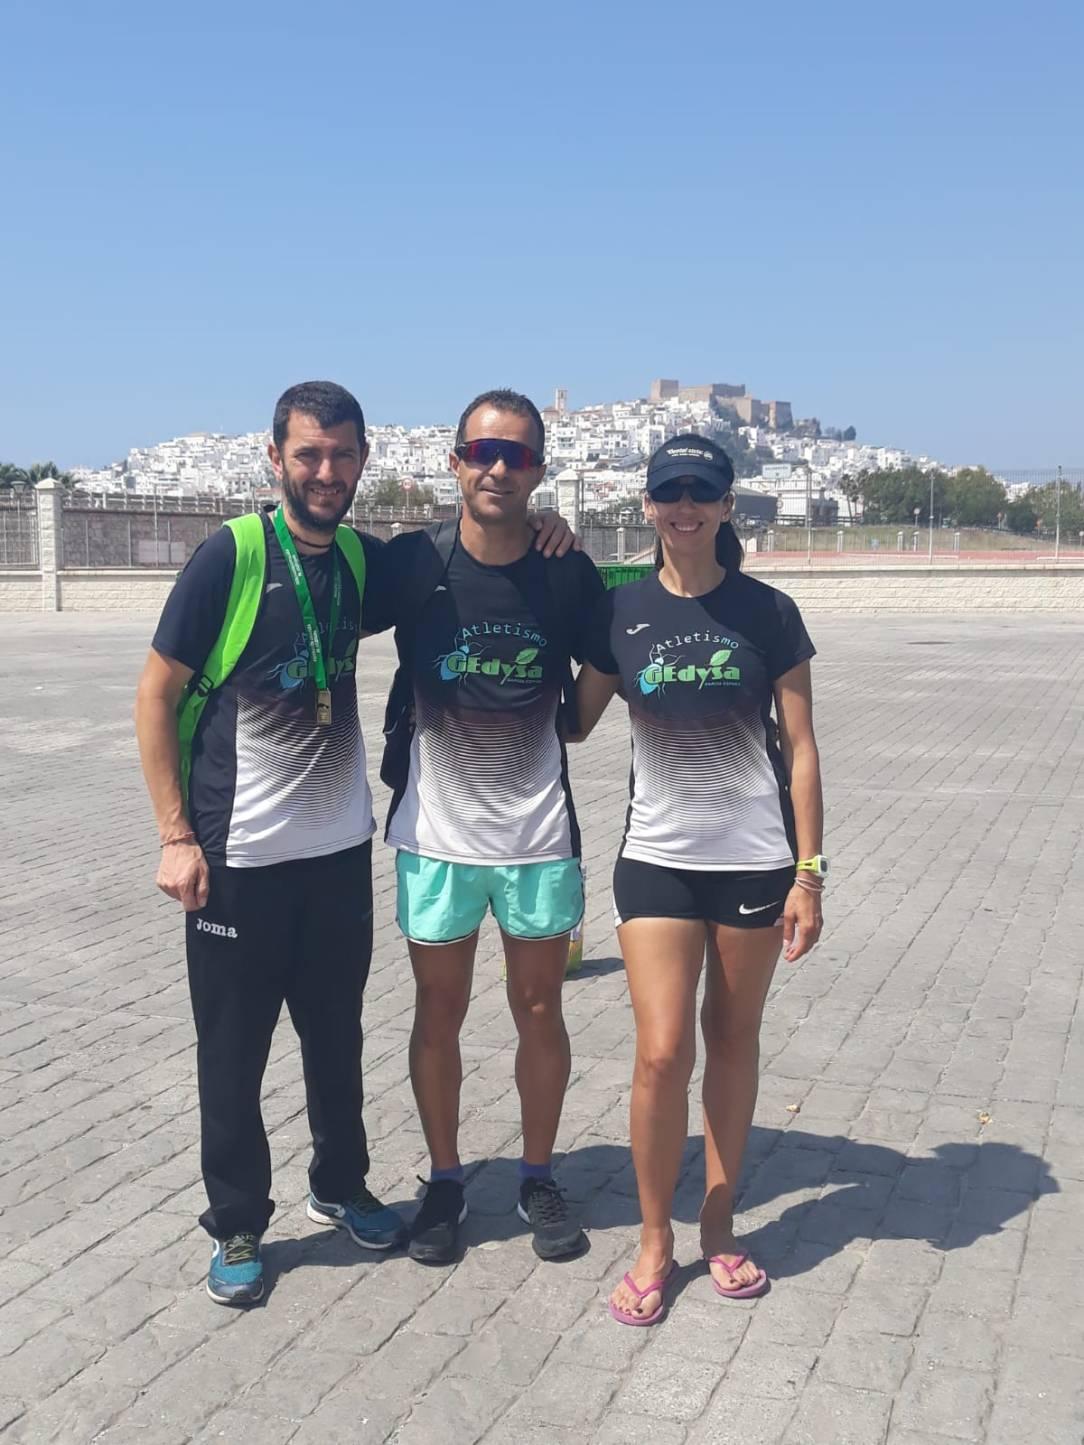 campeonato andalucia salobreña grupo